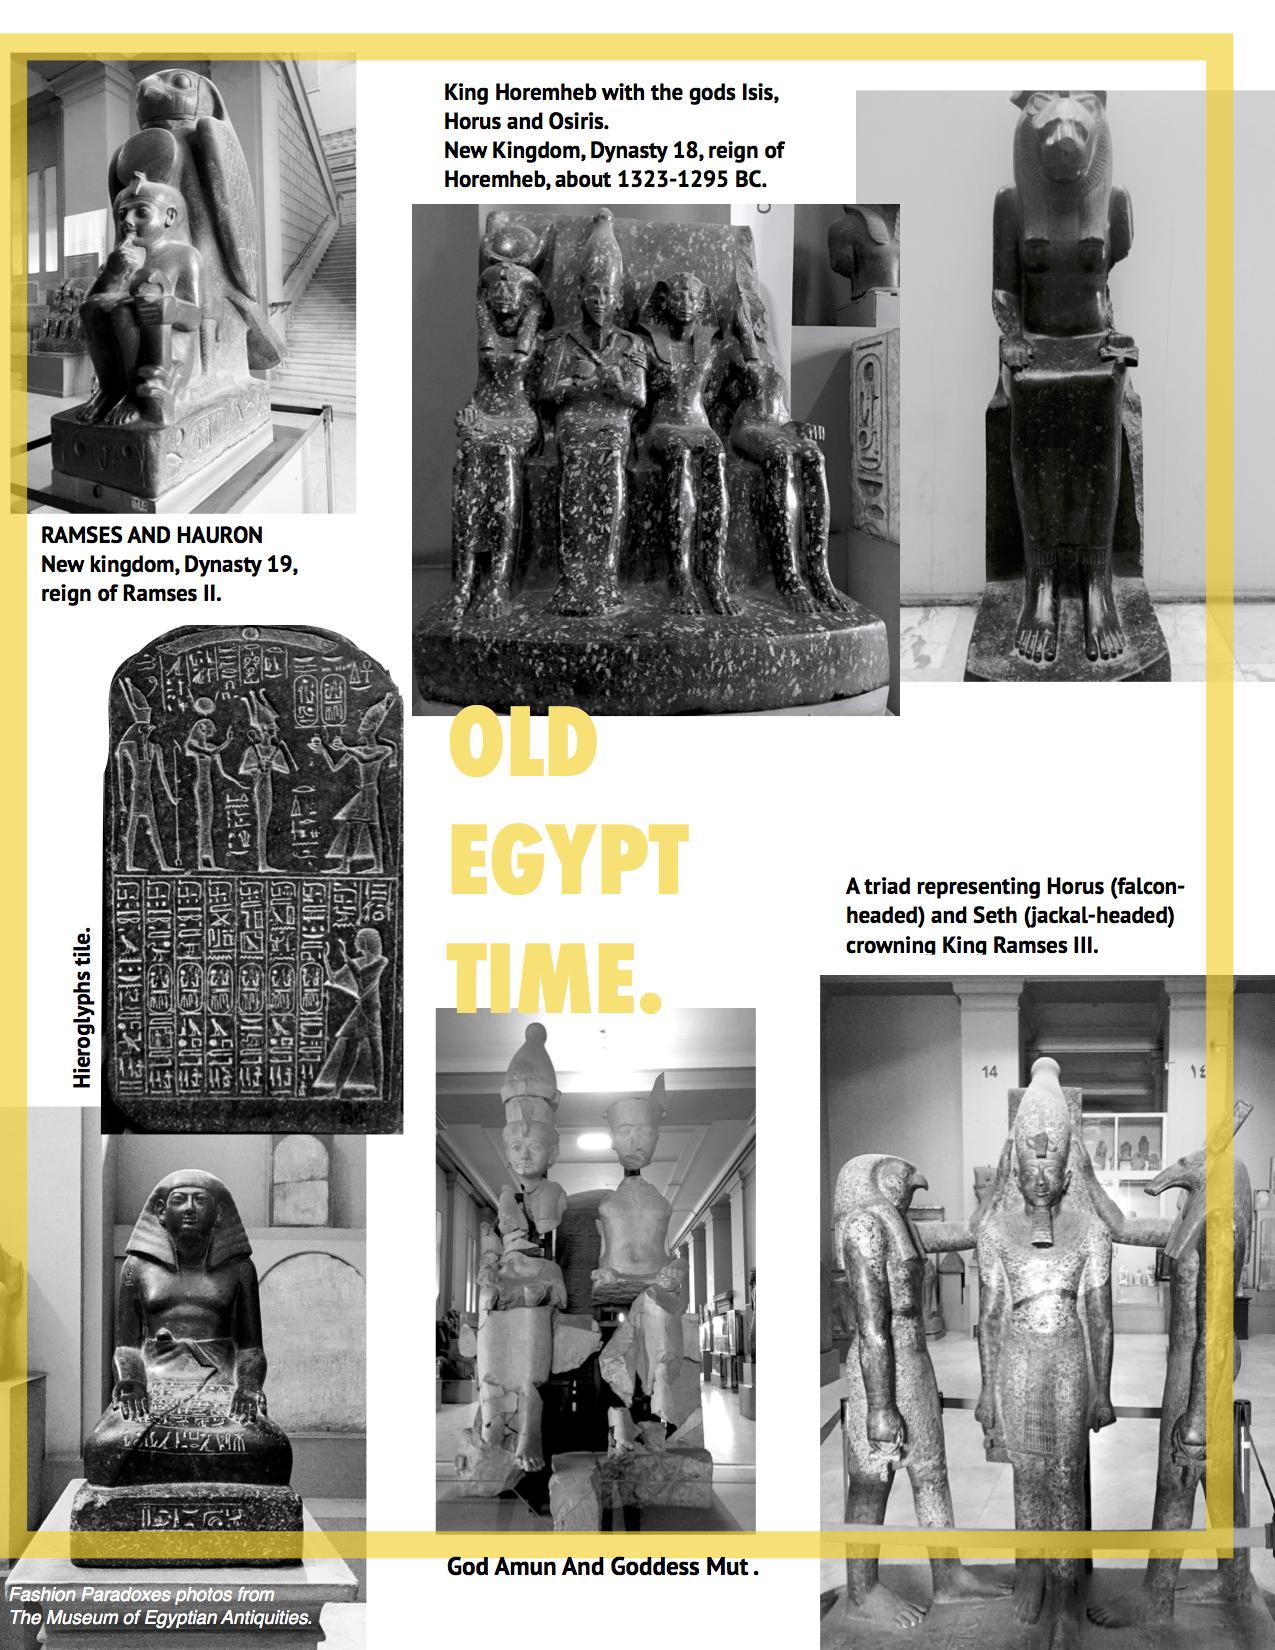 old egypt time fashion paradoxes photos